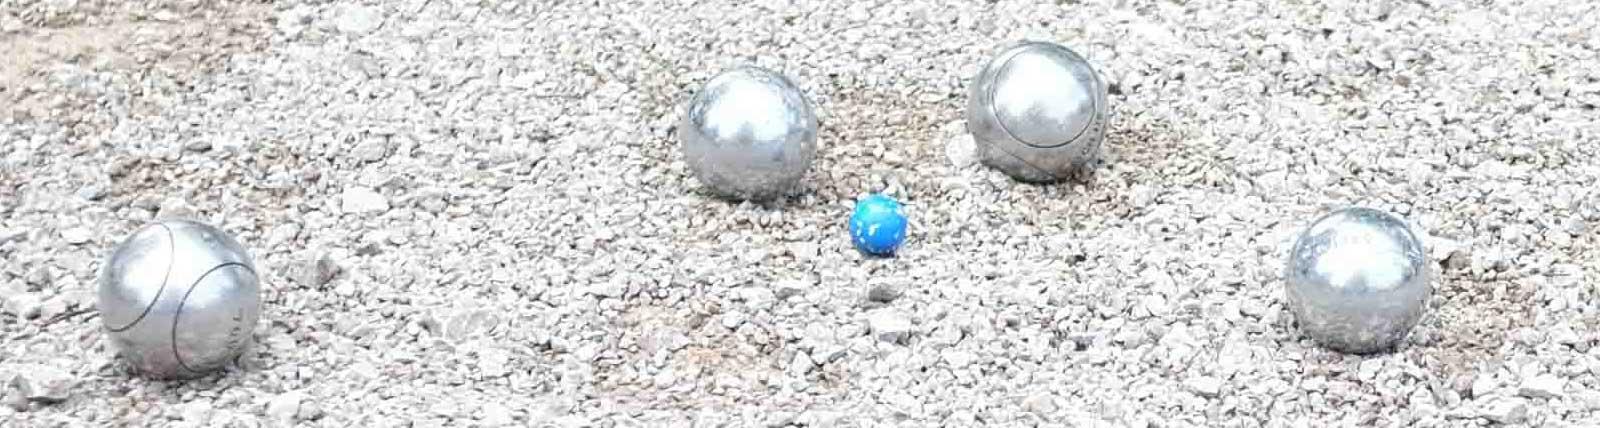 Vakantiehuis Jeu de boules